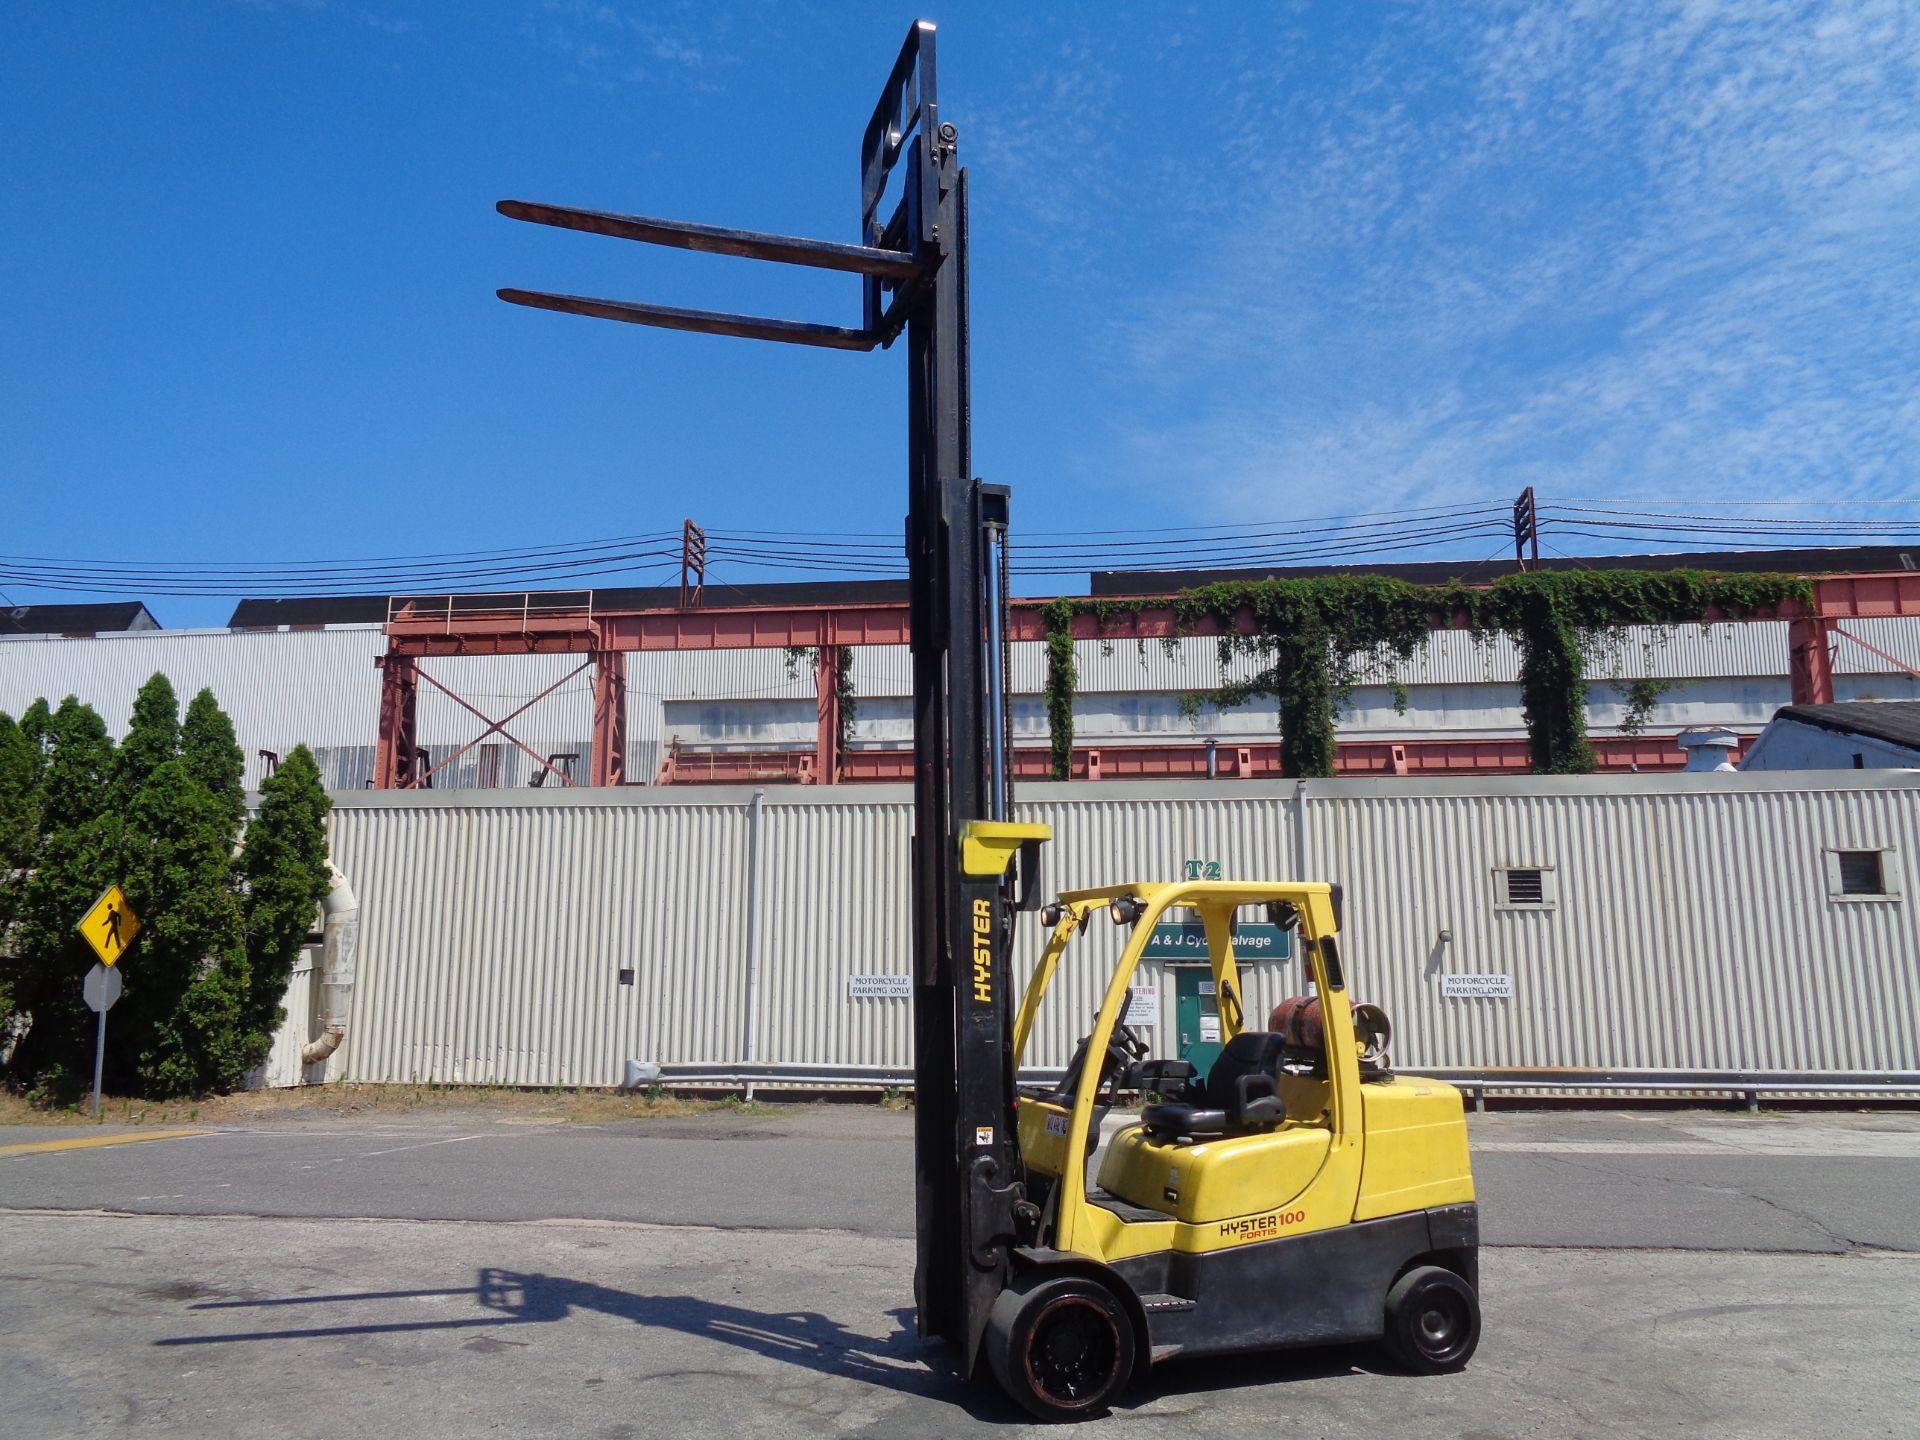 Hyster S100FT 10,000lb Forklift - Image 16 of 19